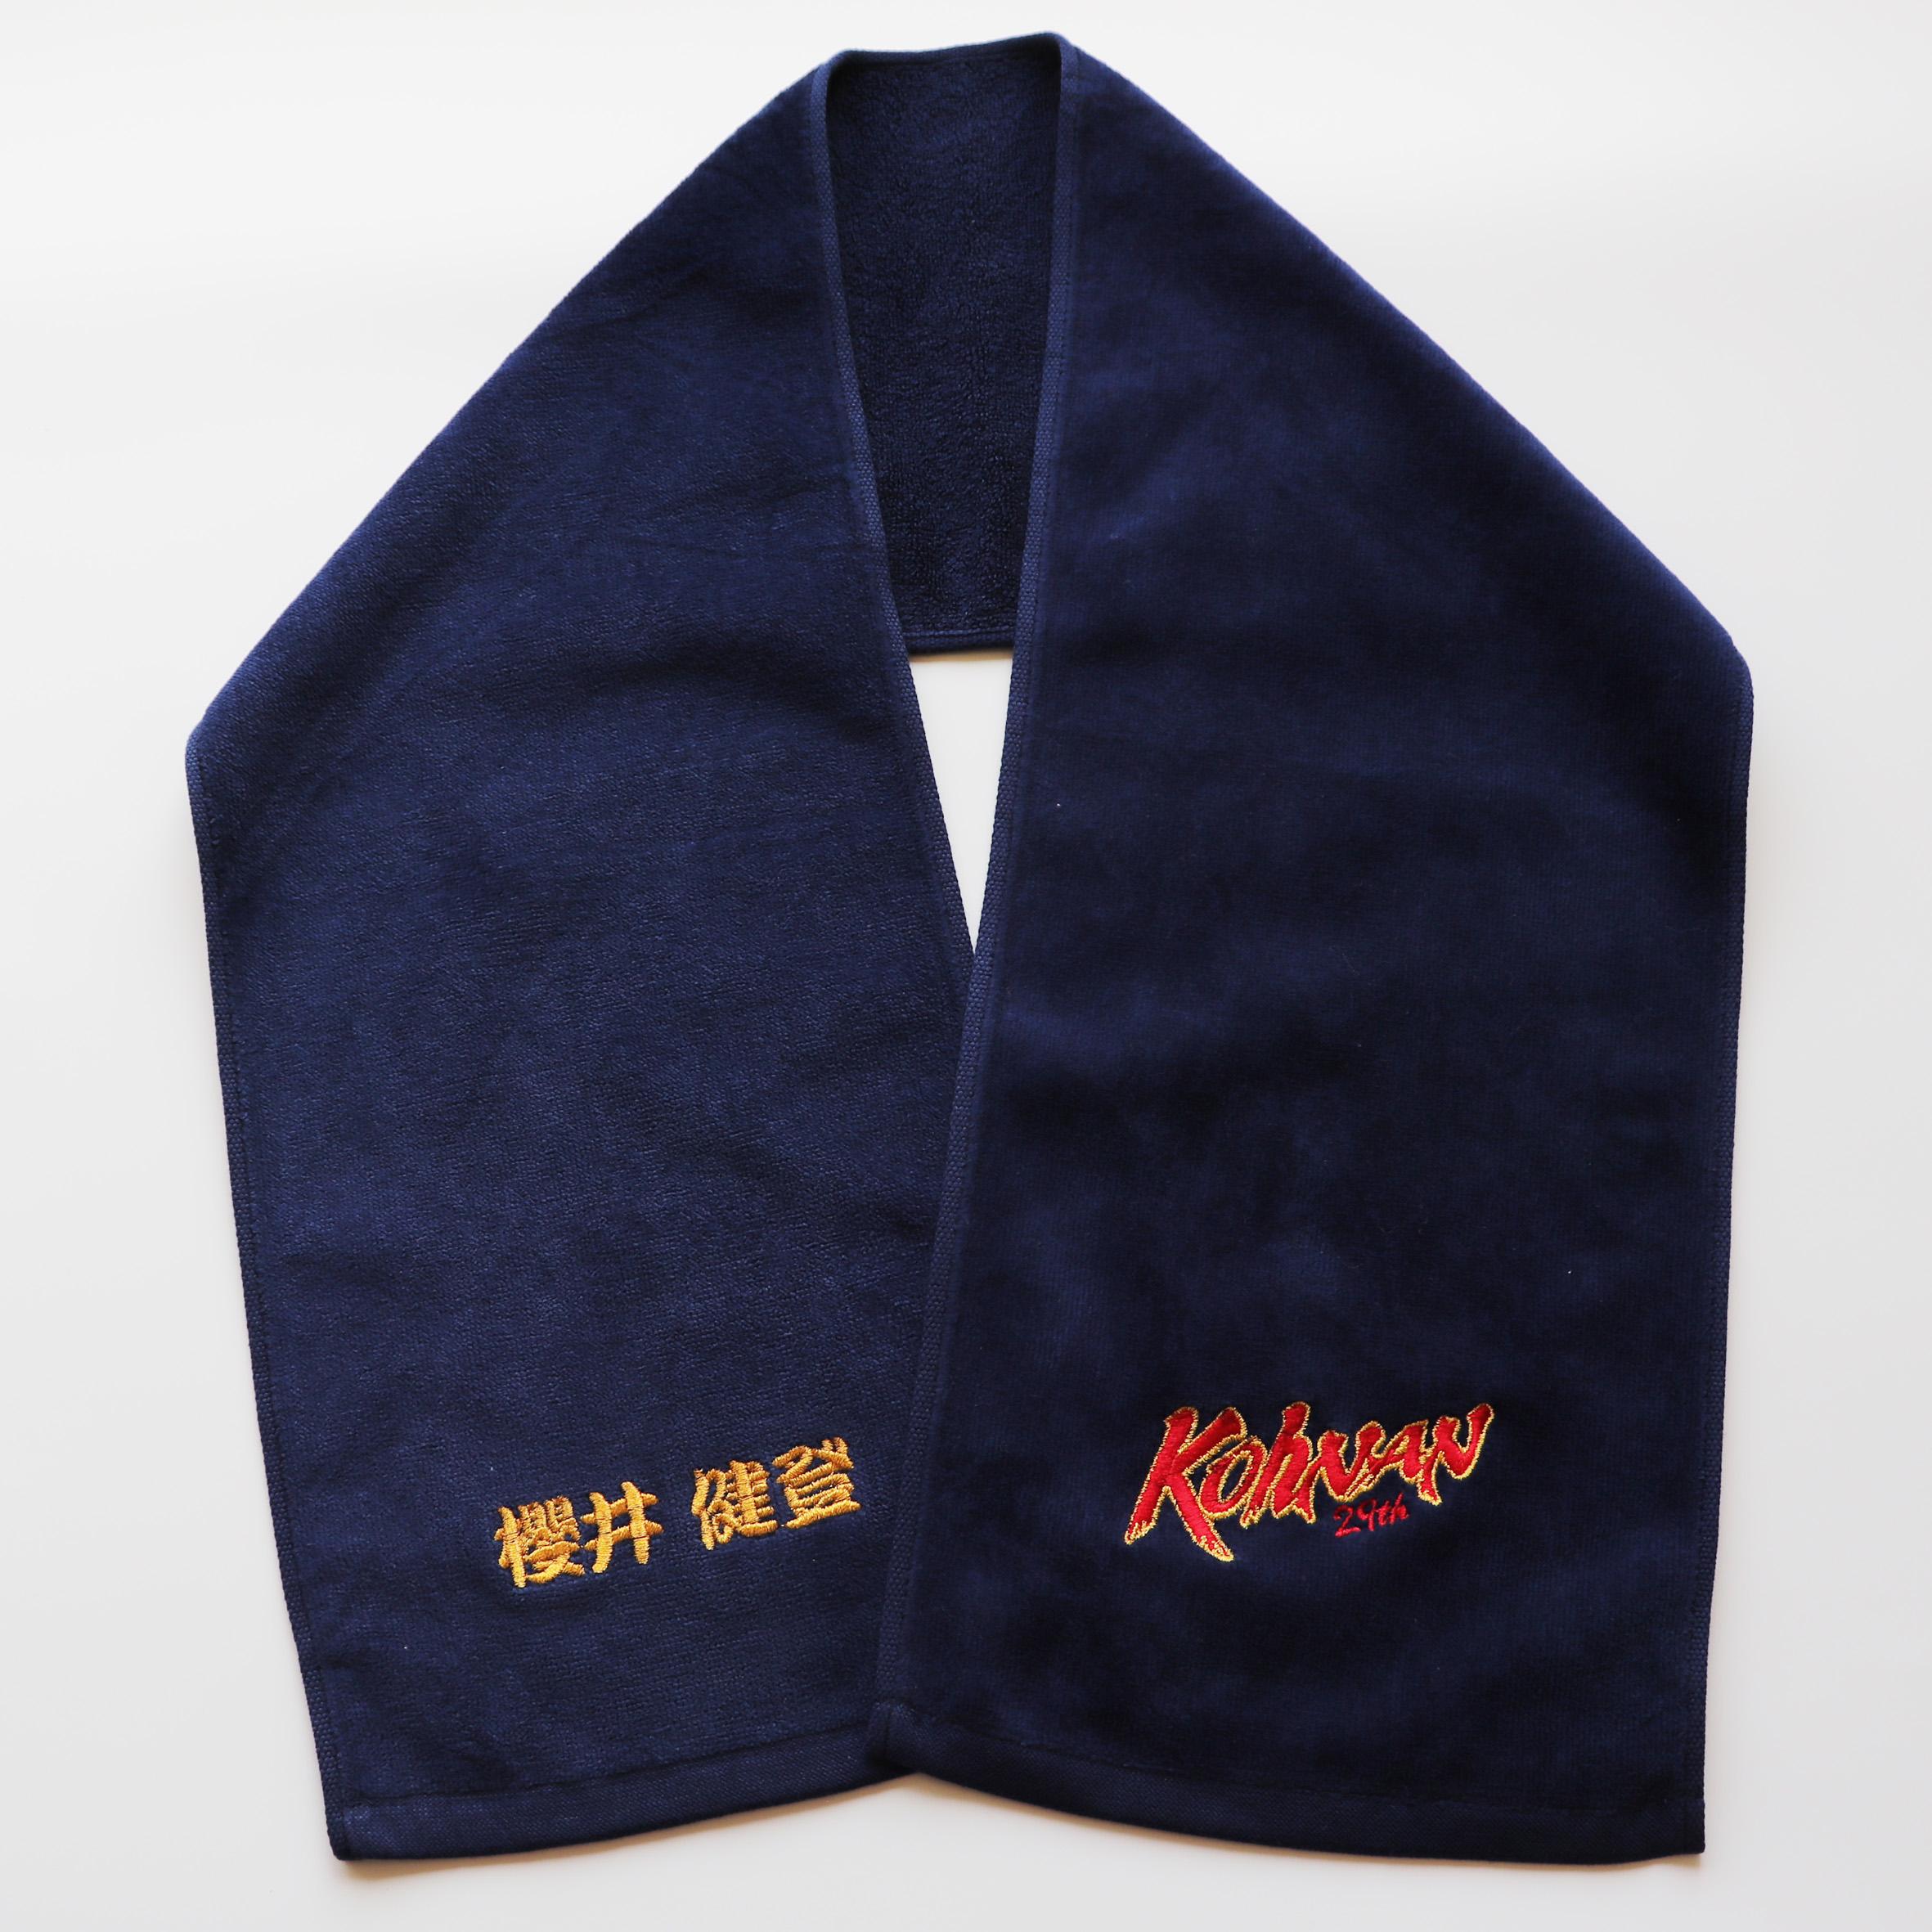 【14369】<br>オリジナル刺繍/A位置<br>NNT<br>マフラータオル<br>ネイビー